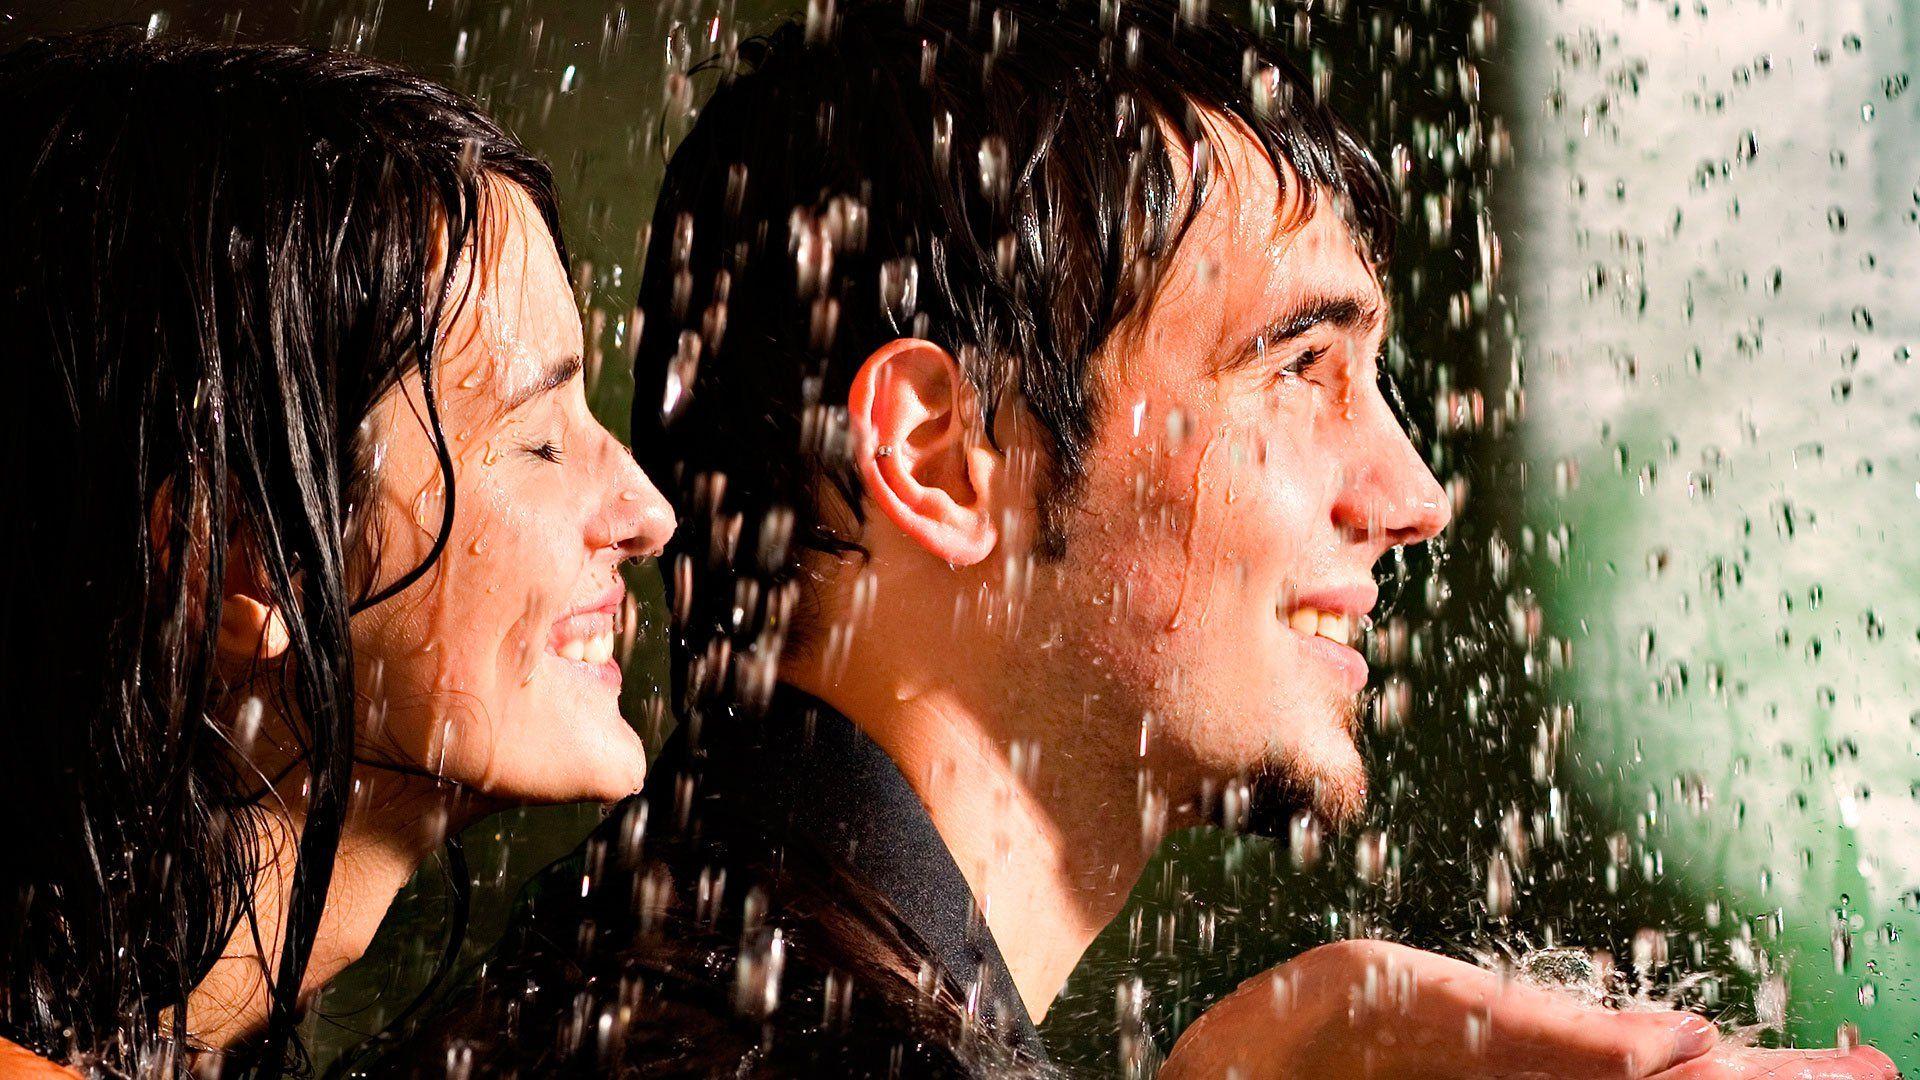 Поцелуй под дождем  № 3358112 без смс